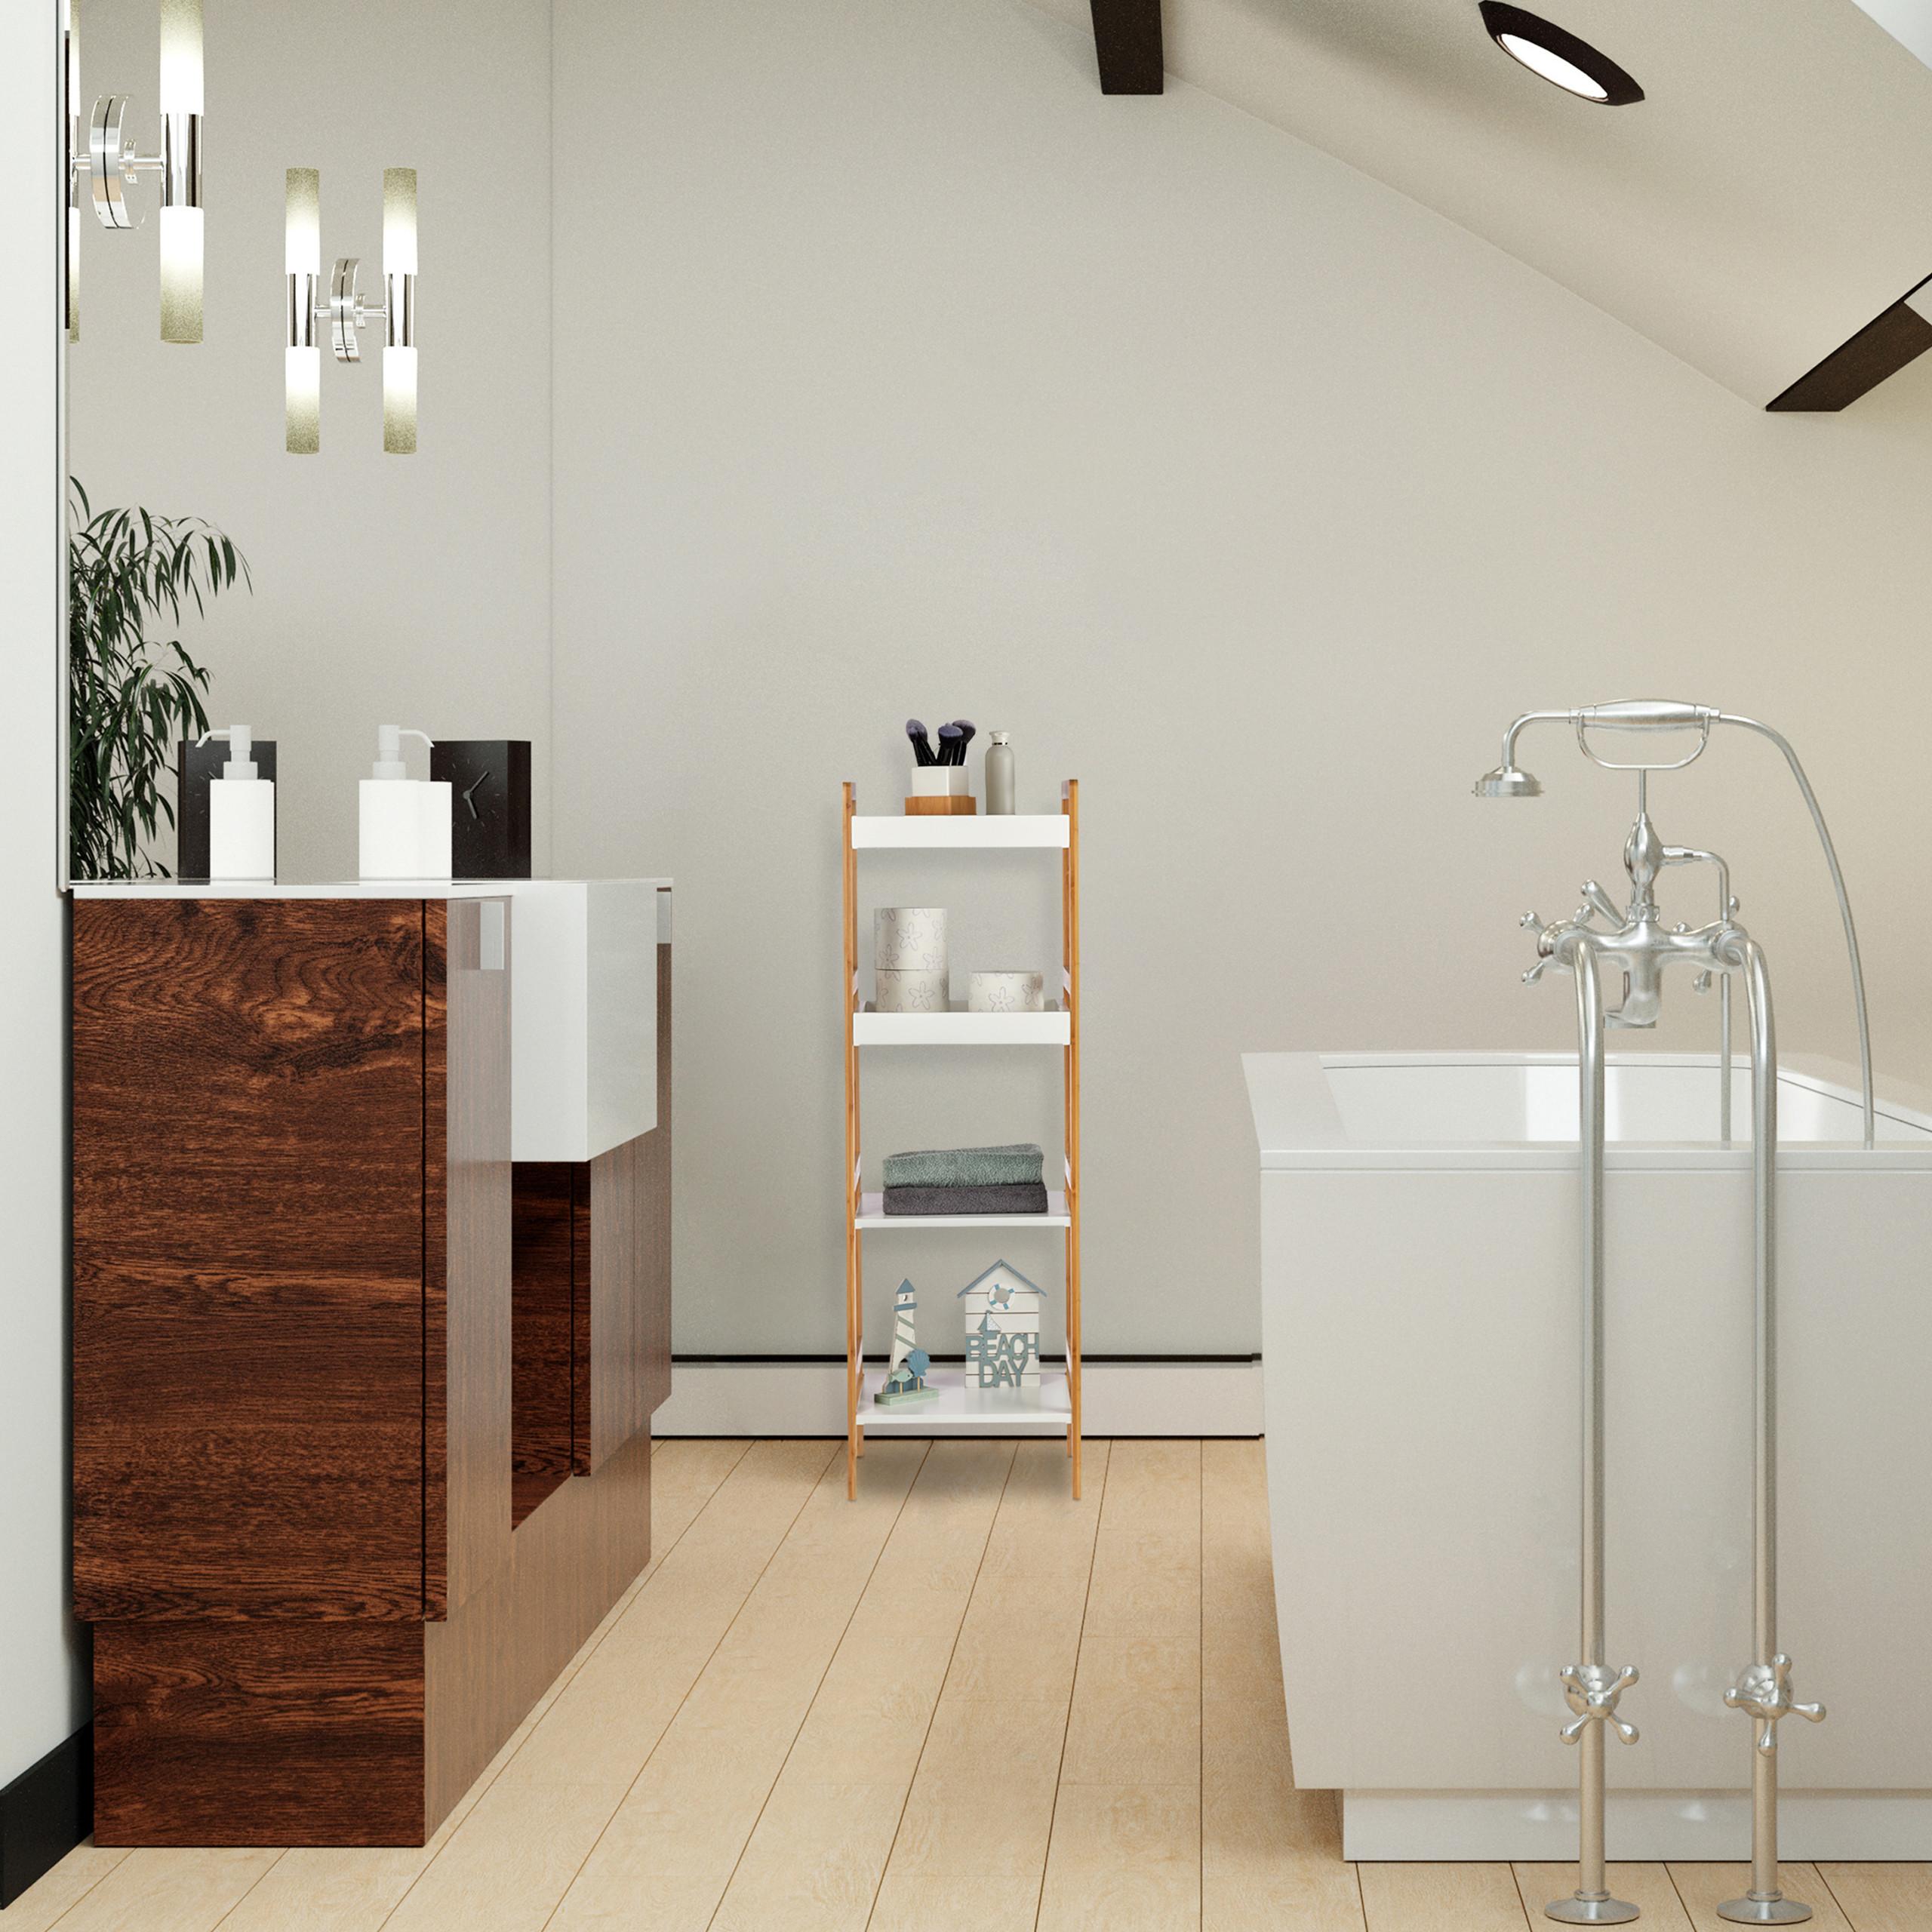 Detalles de Estantería baño bambú, Balda alta cocina, Organizador estantes,  Mueble auxiliar